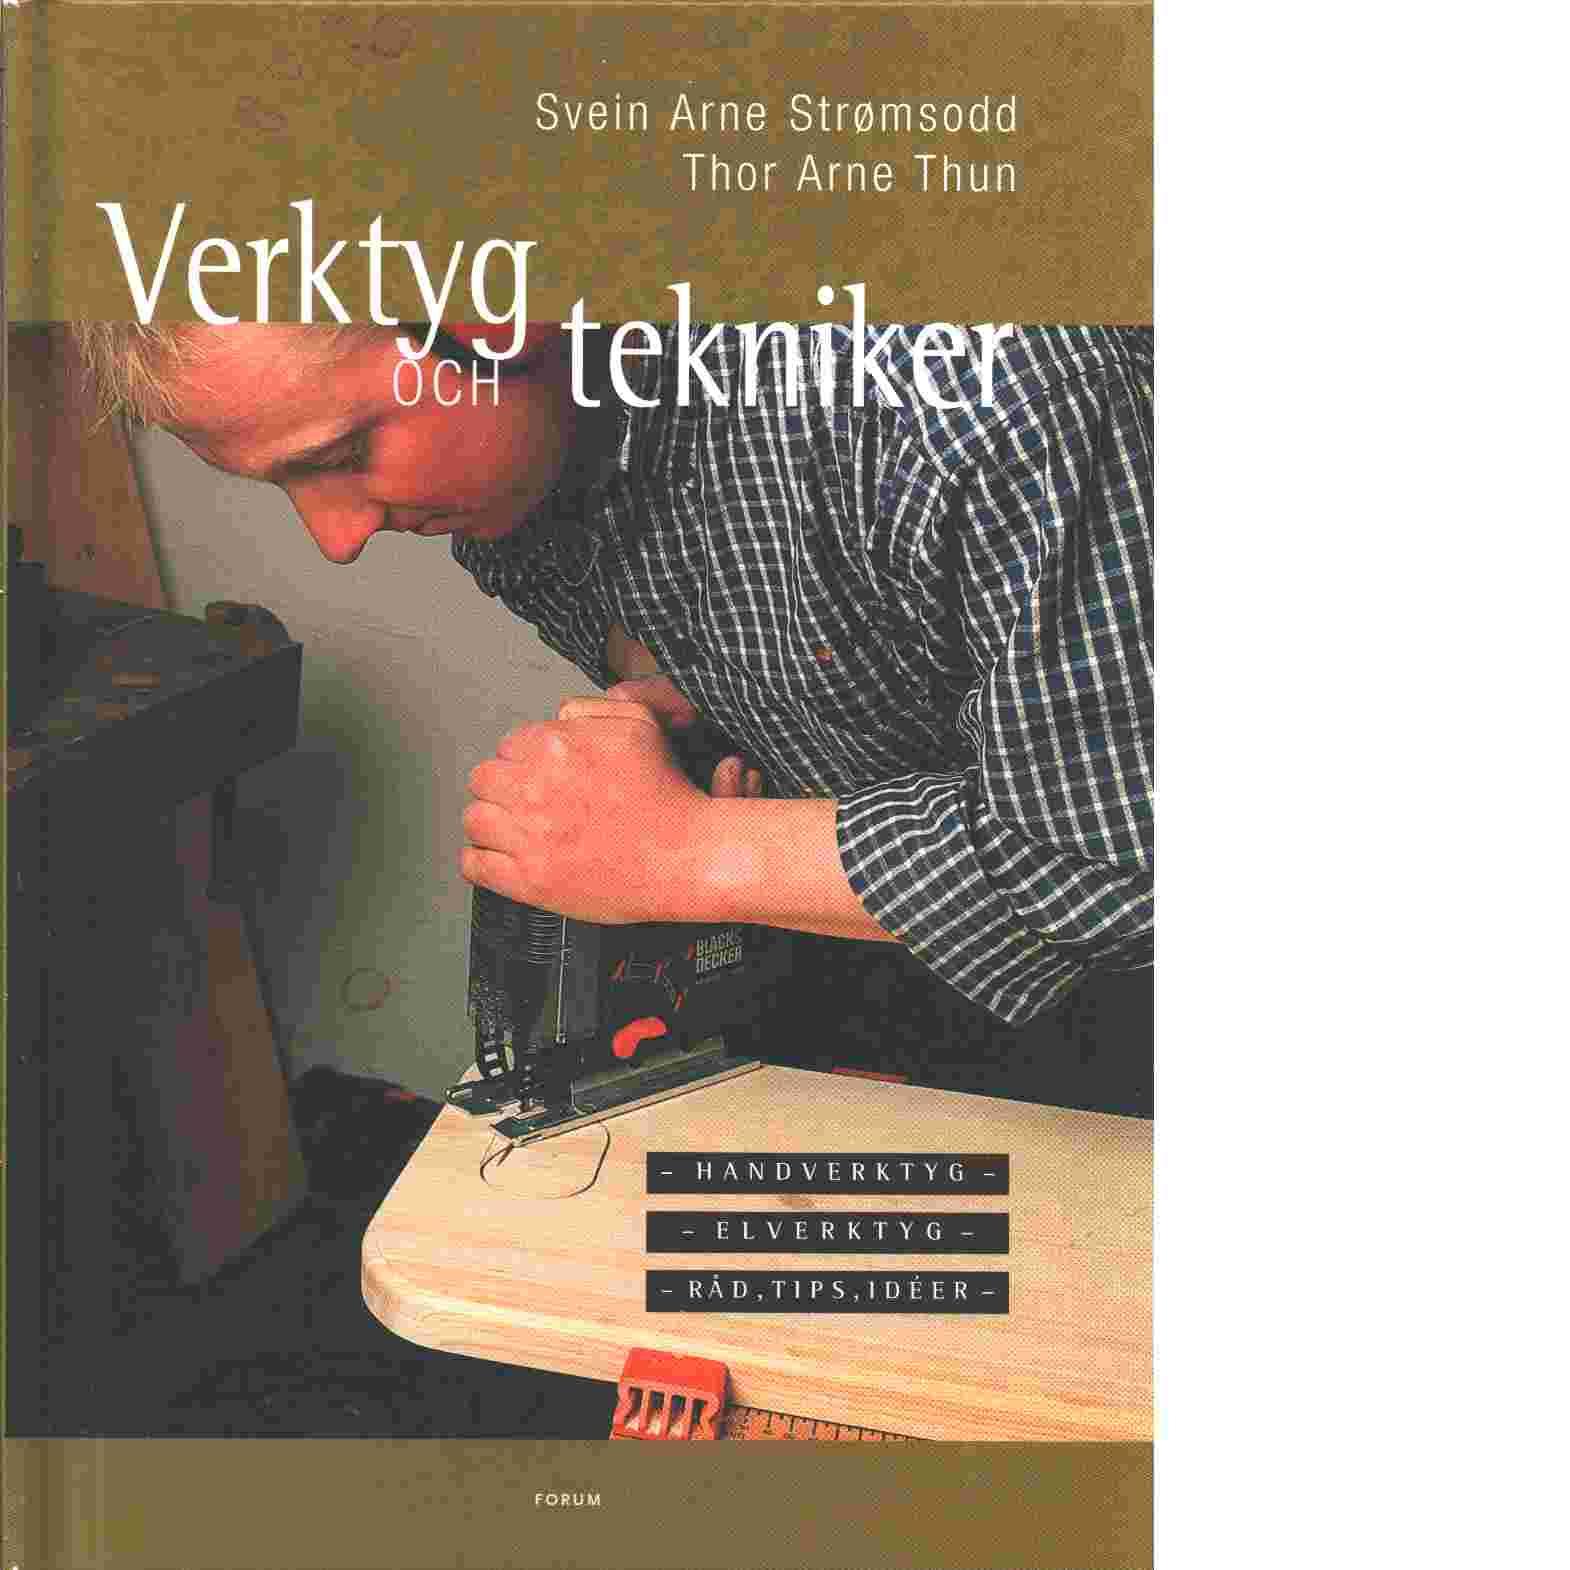 Verktyg och tekniker   handverktyg, elverktyg, råd, tips, idéer - Strømsodd, Svein Arne   och  Thun, Thor Arne